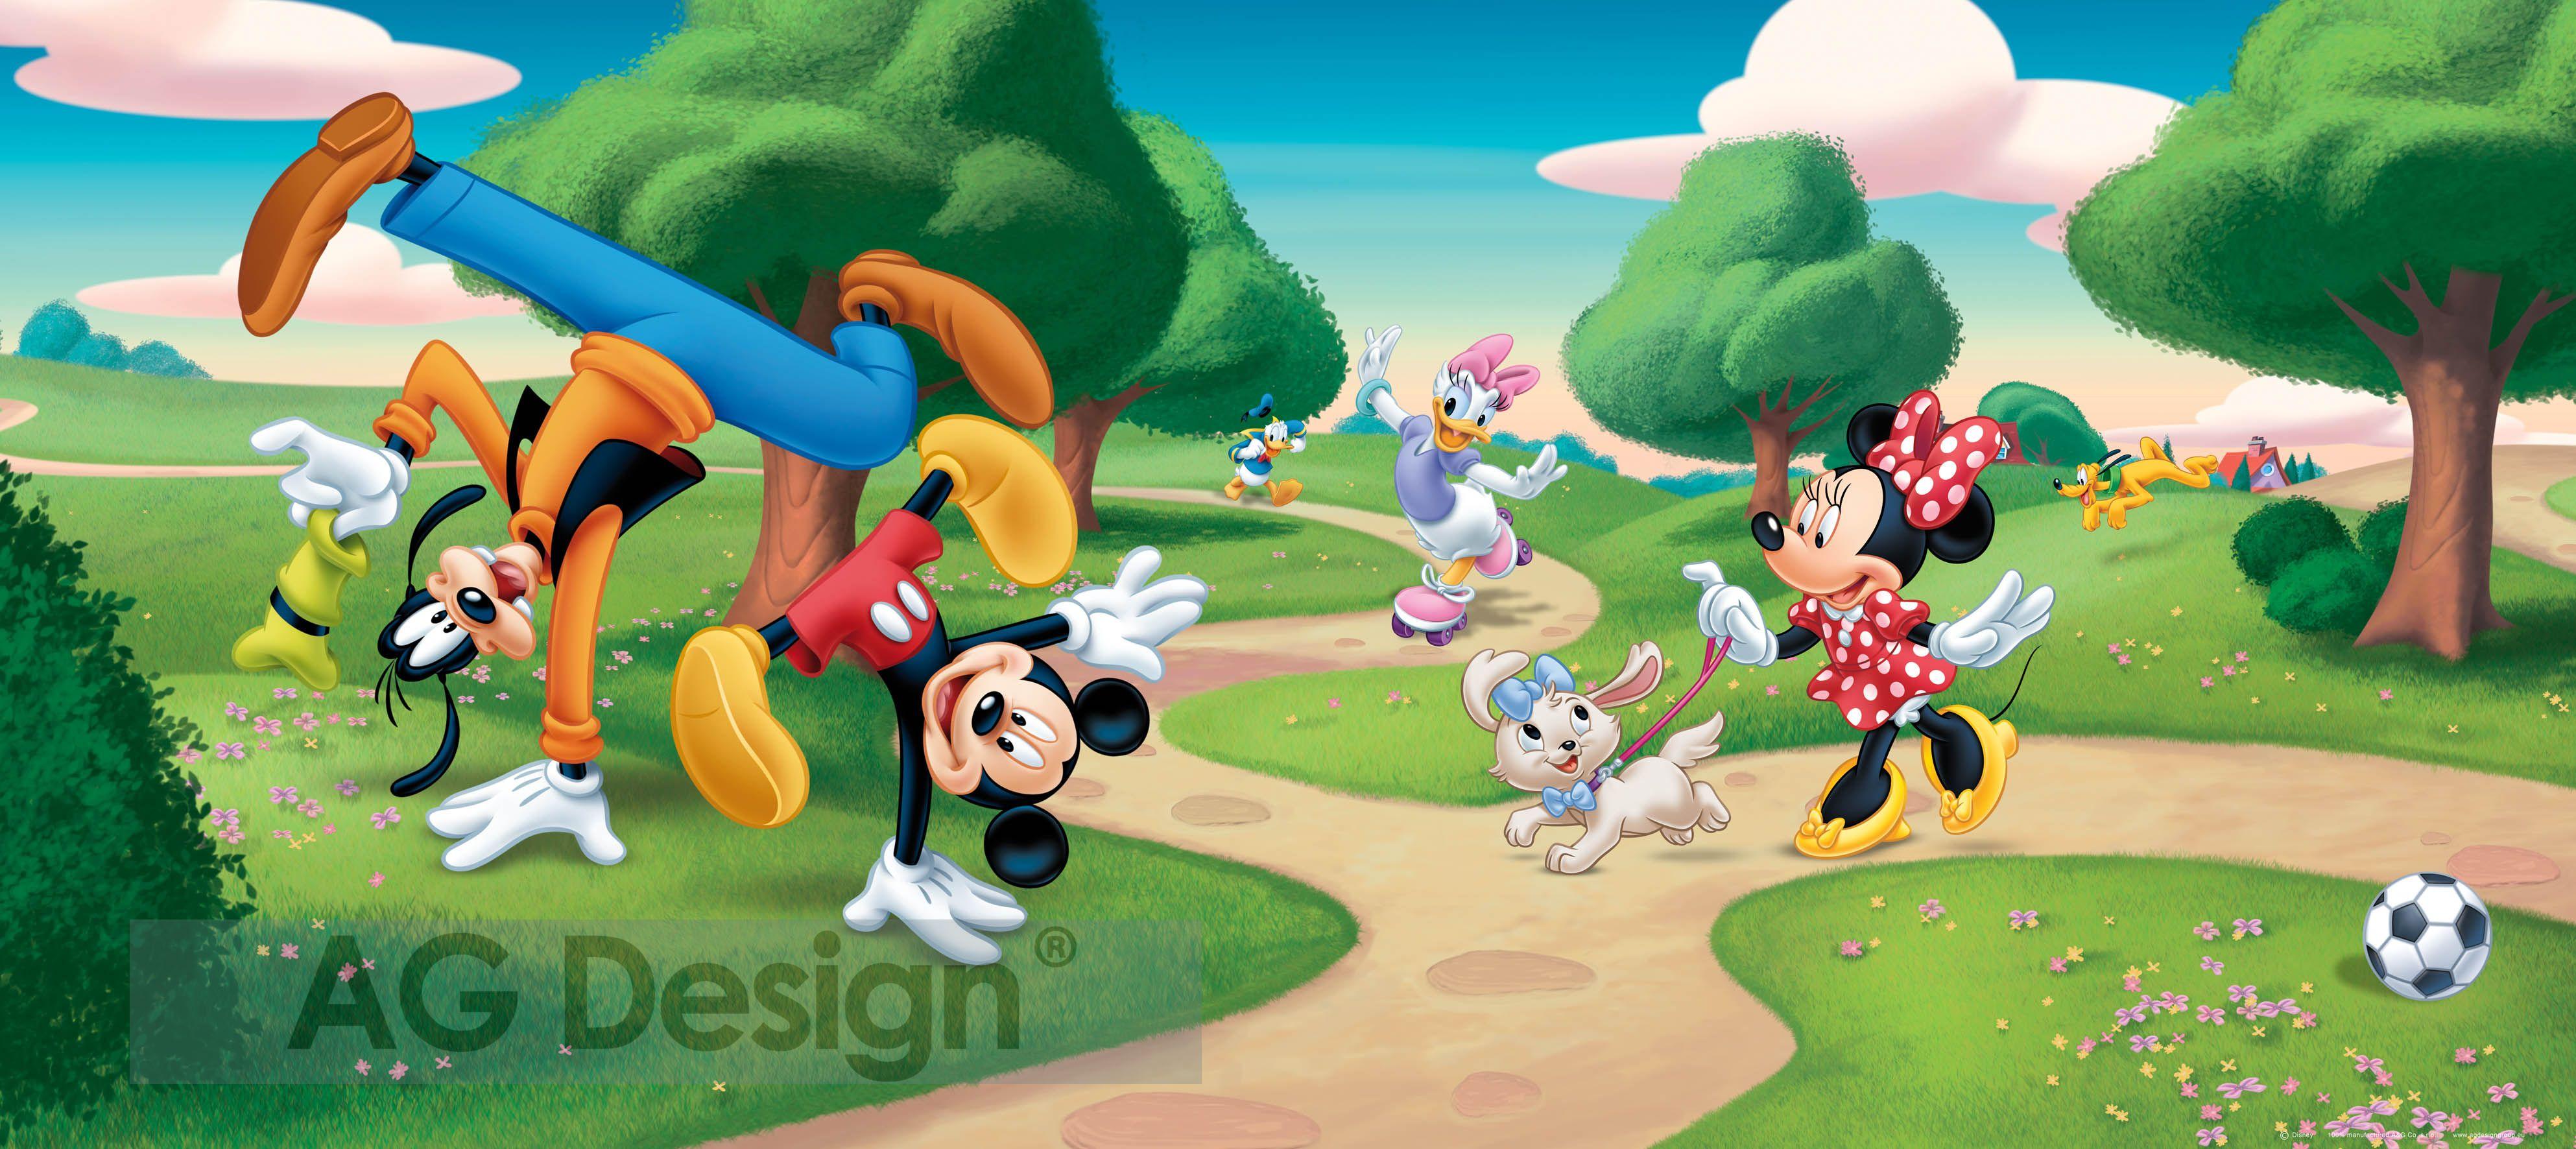 Dětská fototapeta Mickey v parku FTDH0623 (1-dílná papírová tapeta)